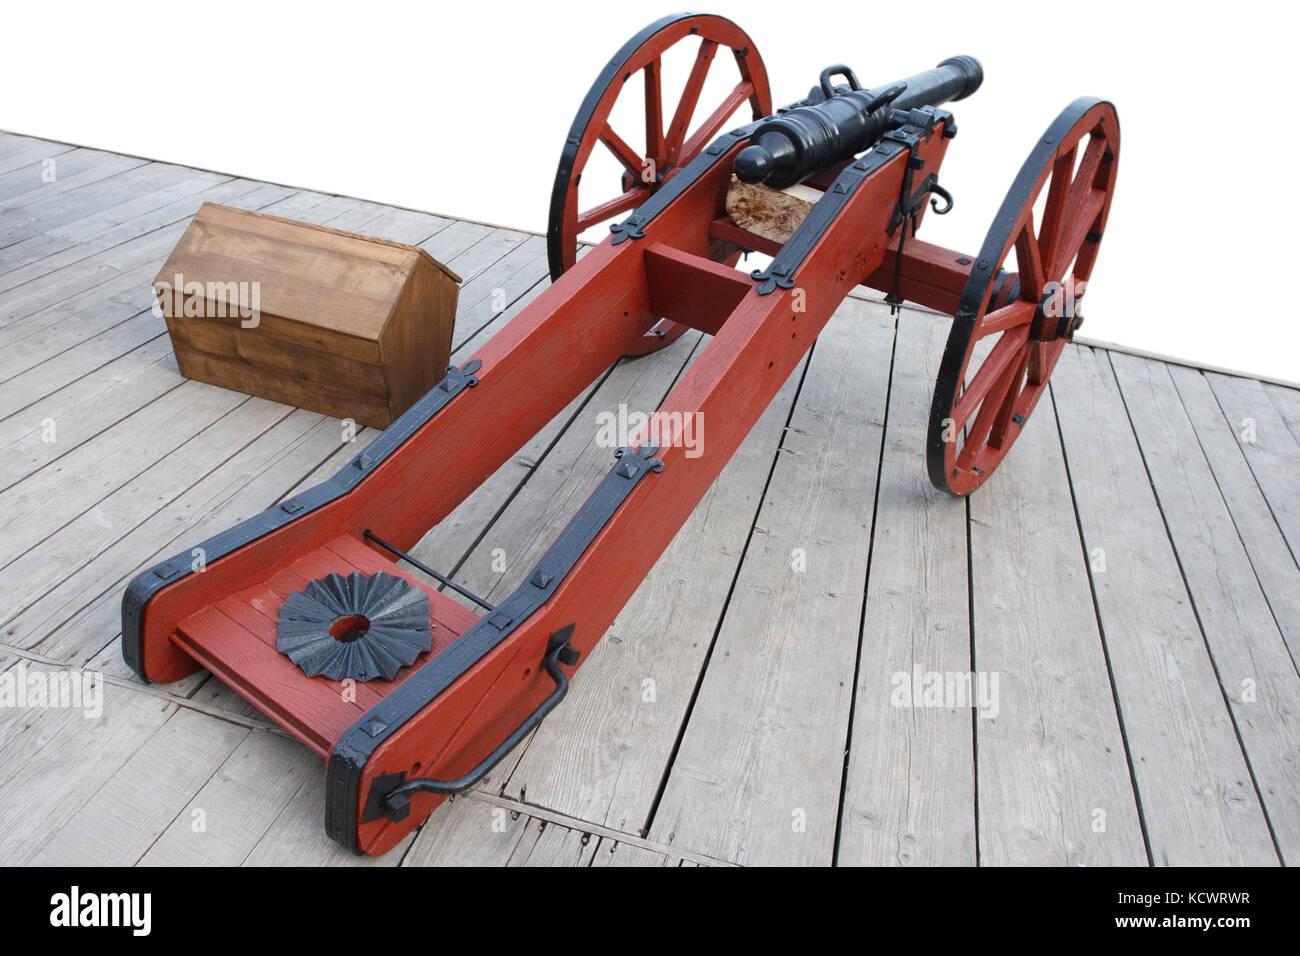 Gun Cannon Black Powder Stock Photos & Gun Cannon Black Powder Stock